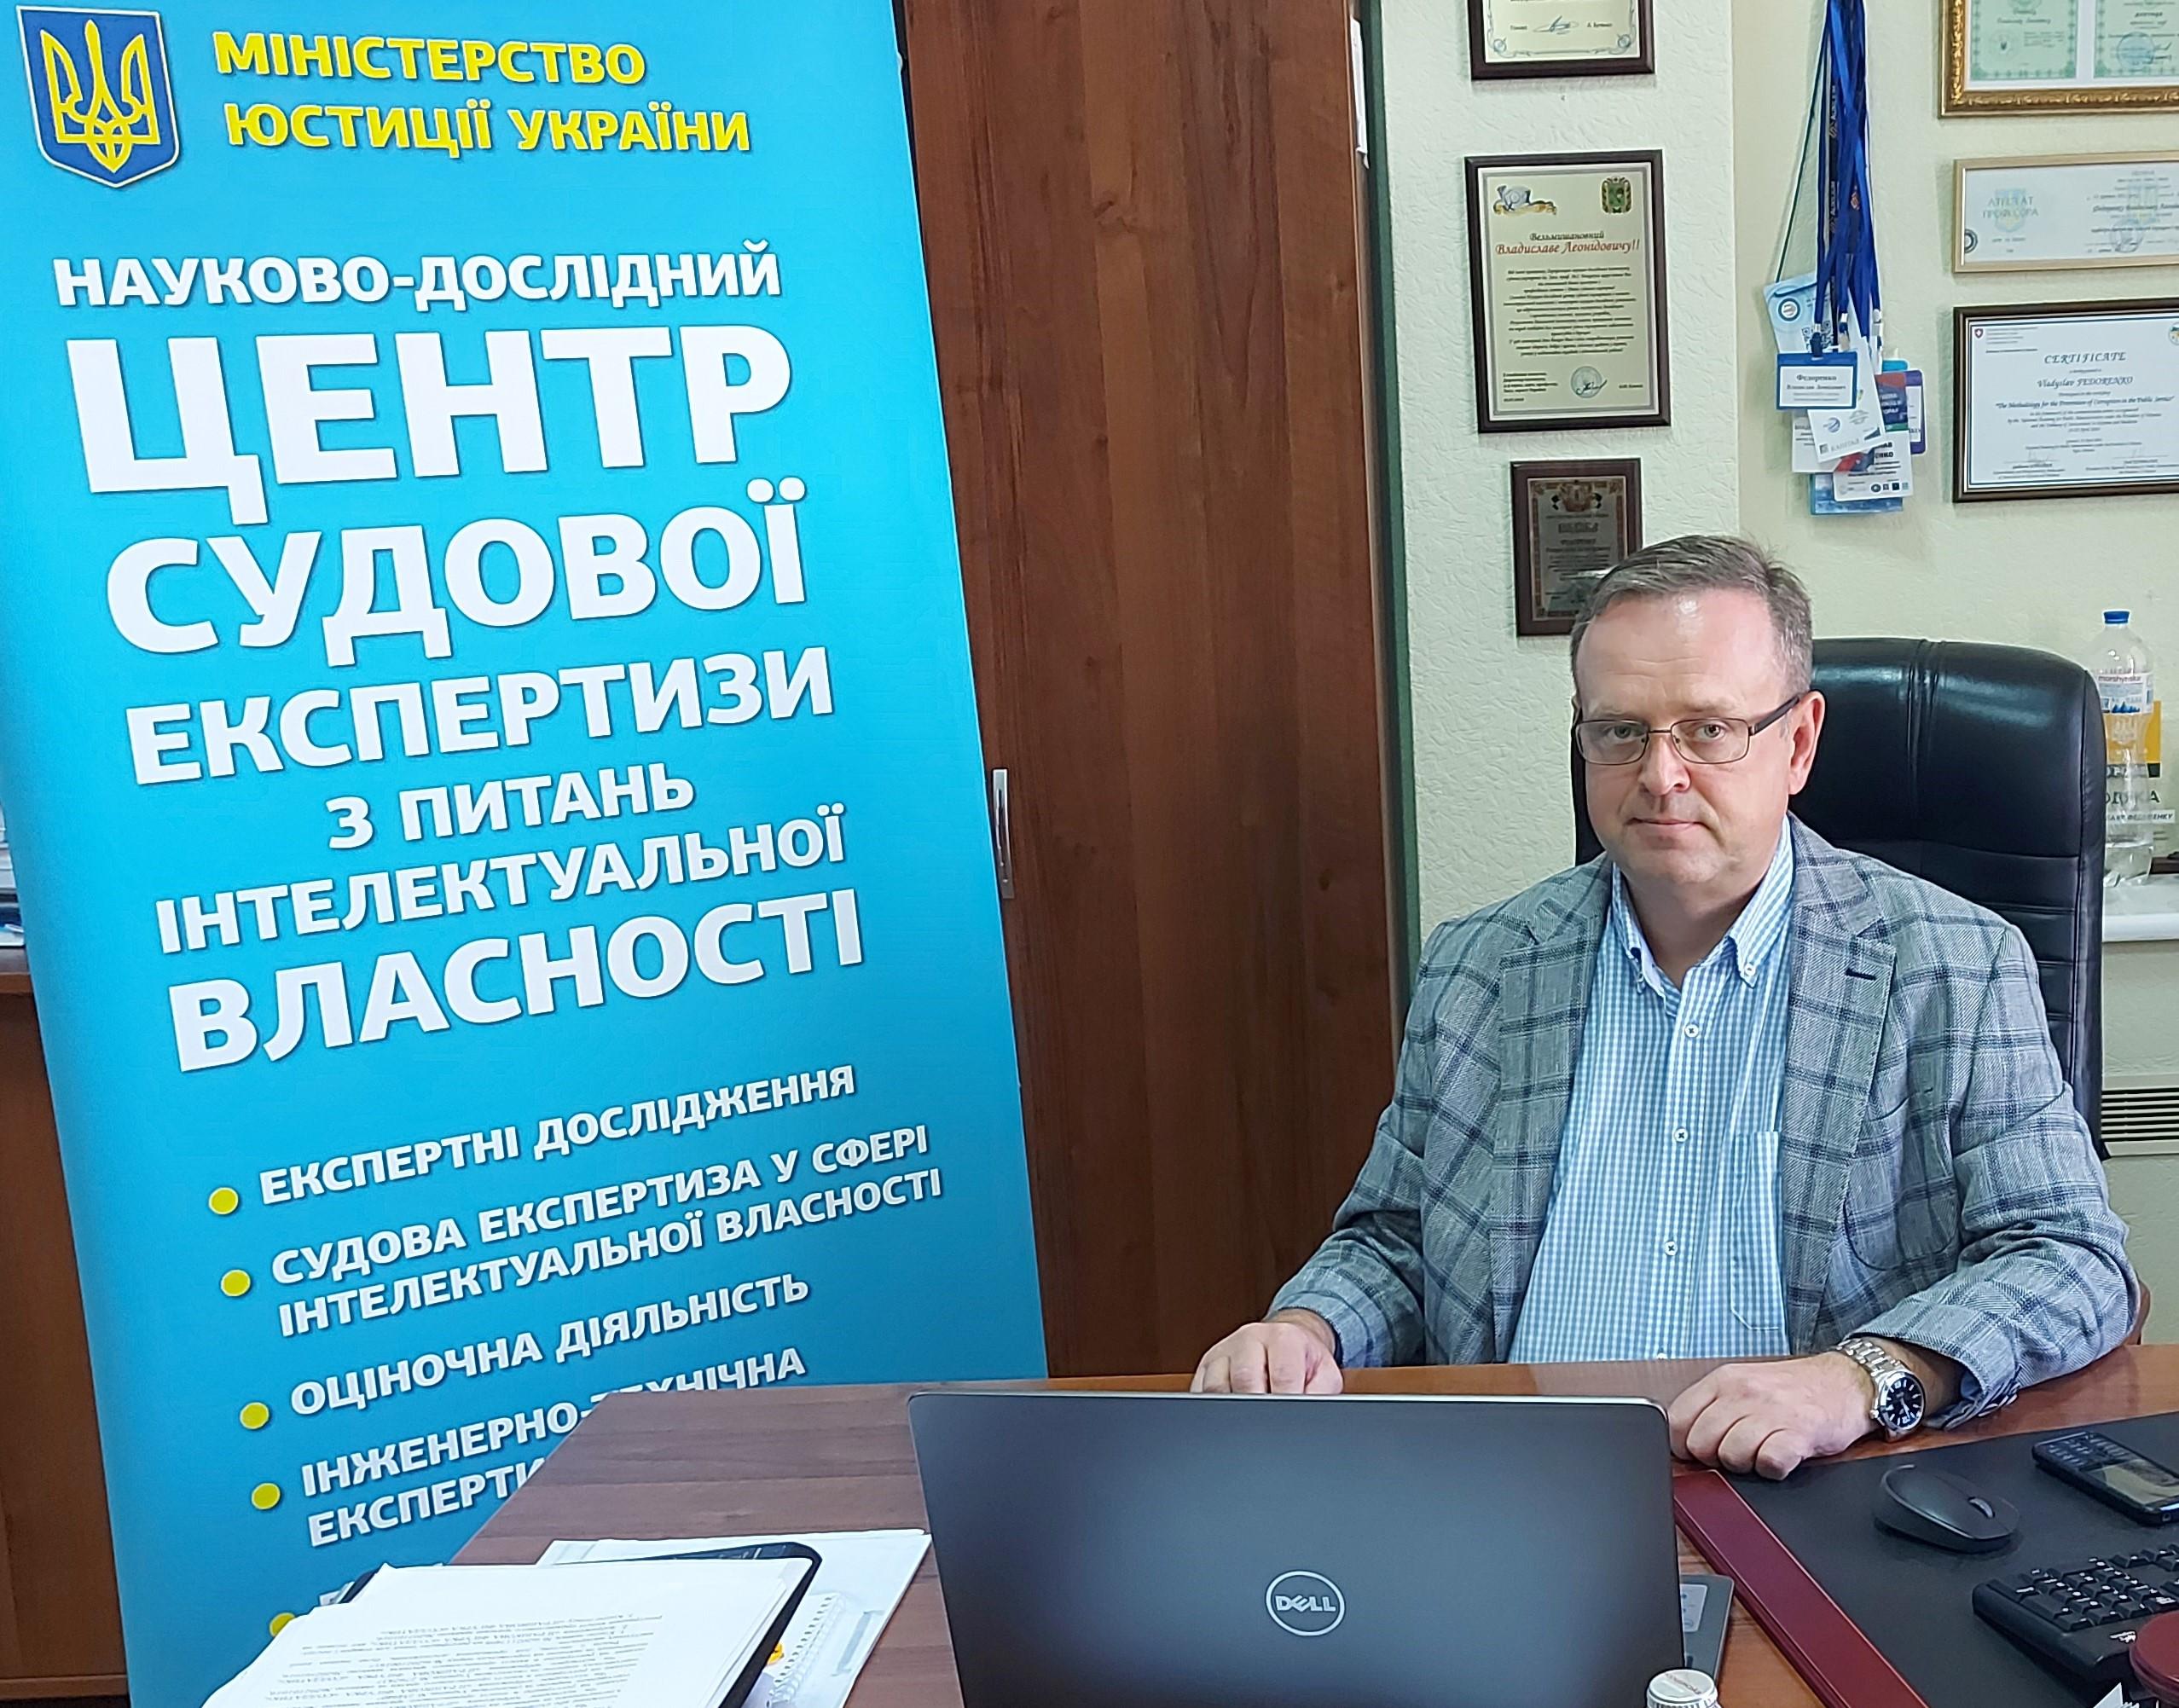 Директор НДЦСЕ з питань інтелектуальної власності взяв участь у щотижневій нараді керівників НДУСЕ